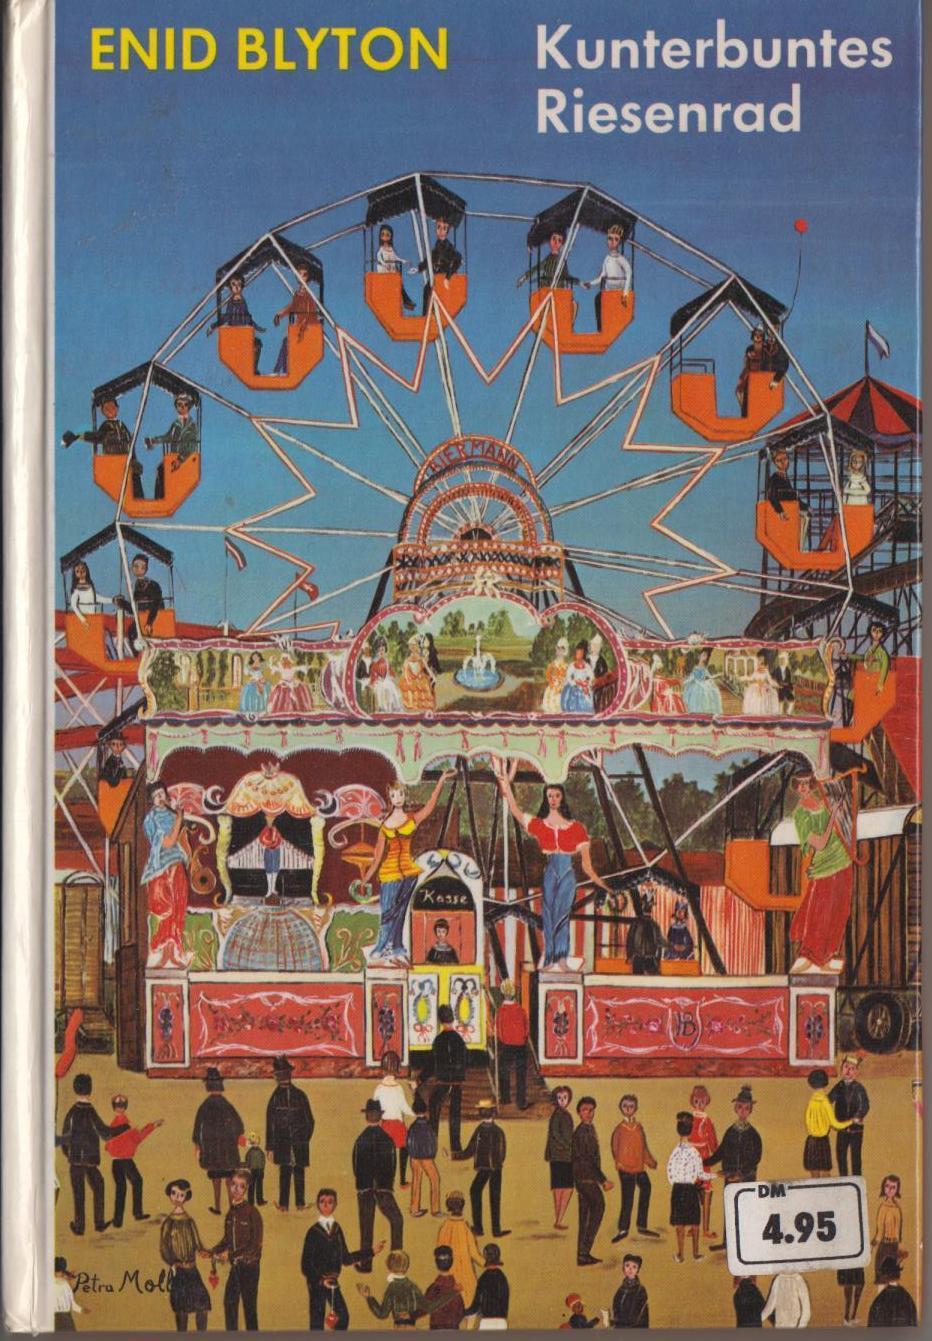 2 Bcher Die Von Blyton Zvab Enid Mystery Of The Vanished Prince Kunterbuntes Riesenrad Mit Vielen Bildern Zum Ausmalen